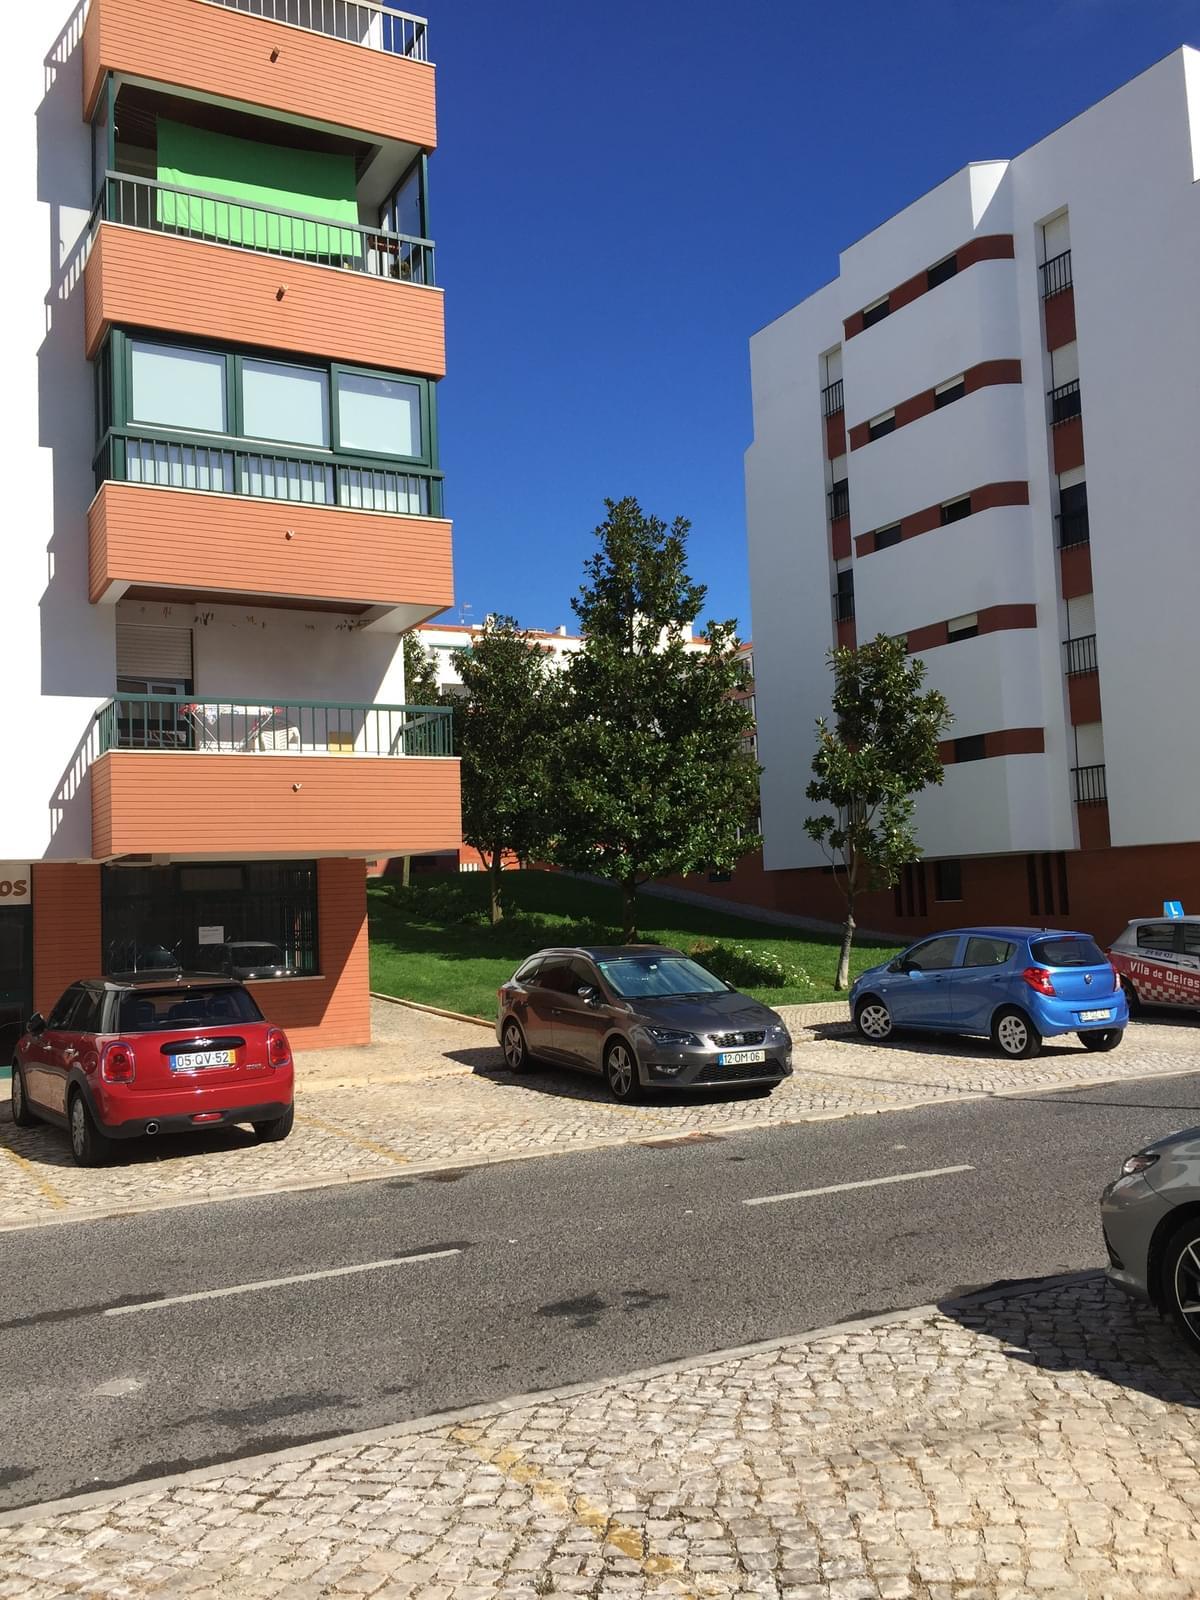 pf18344-apartamento-t3-oeiras-8f163e10-8f6d-4ab9-9dba-ea7e919ebd90